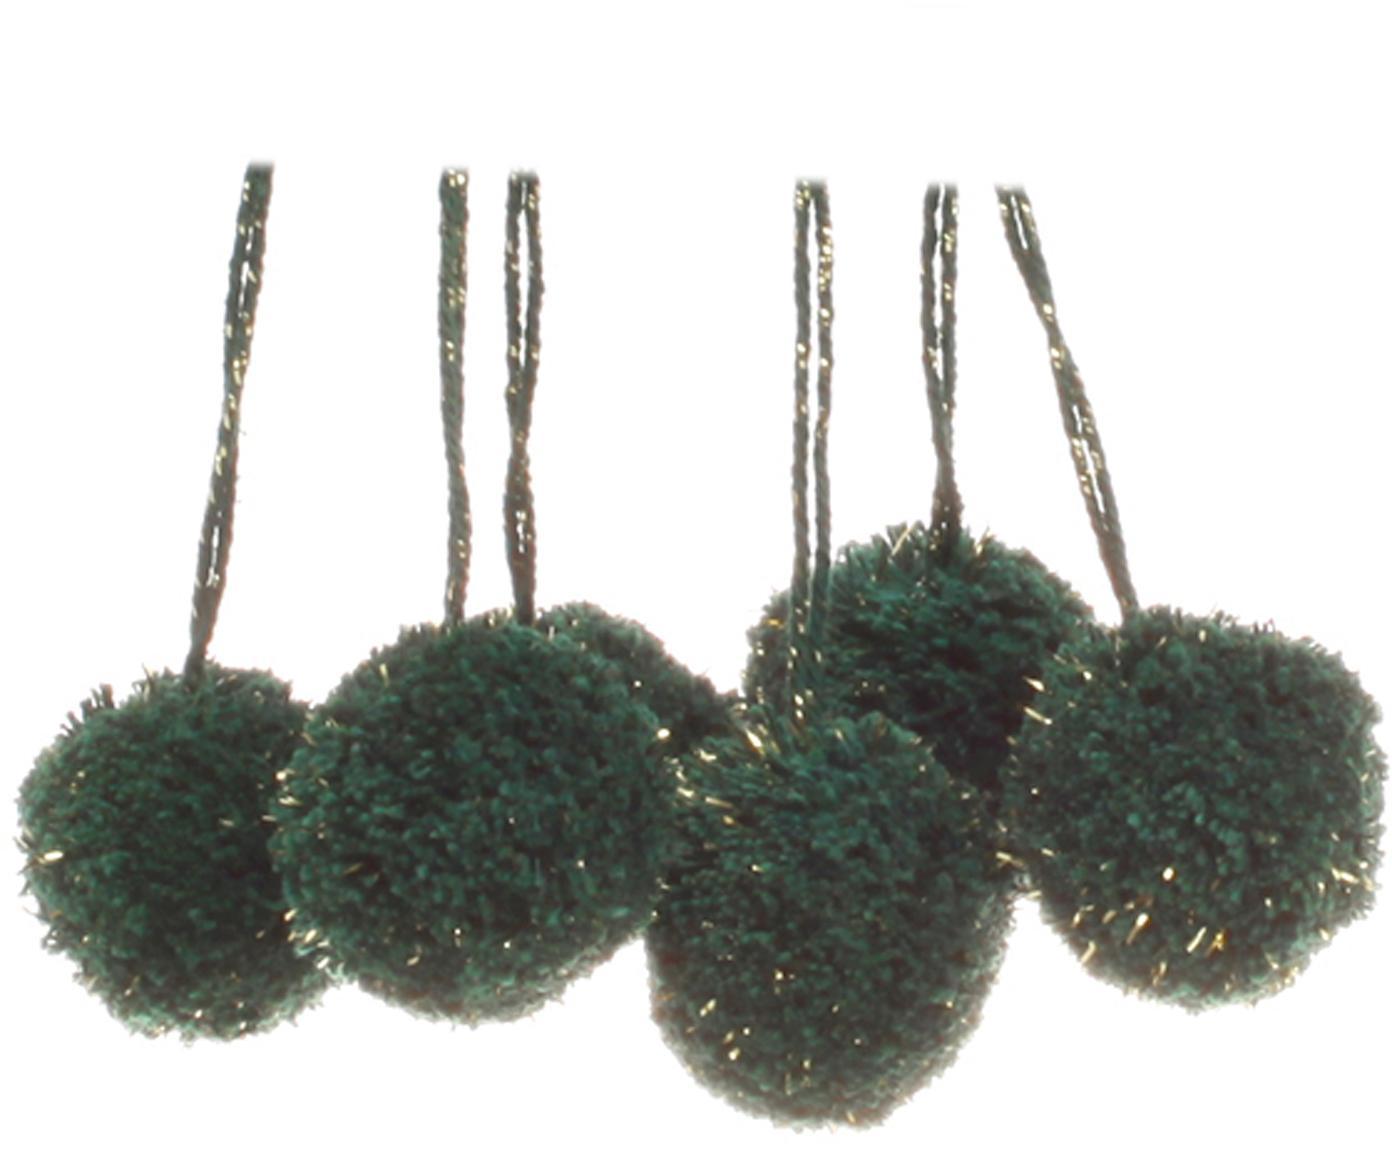 Pompons Lurex, 6 Stück, Baumwolle mit Lurexfaden, Petrol, Goldfarben, Ø 4 x H 13 cm